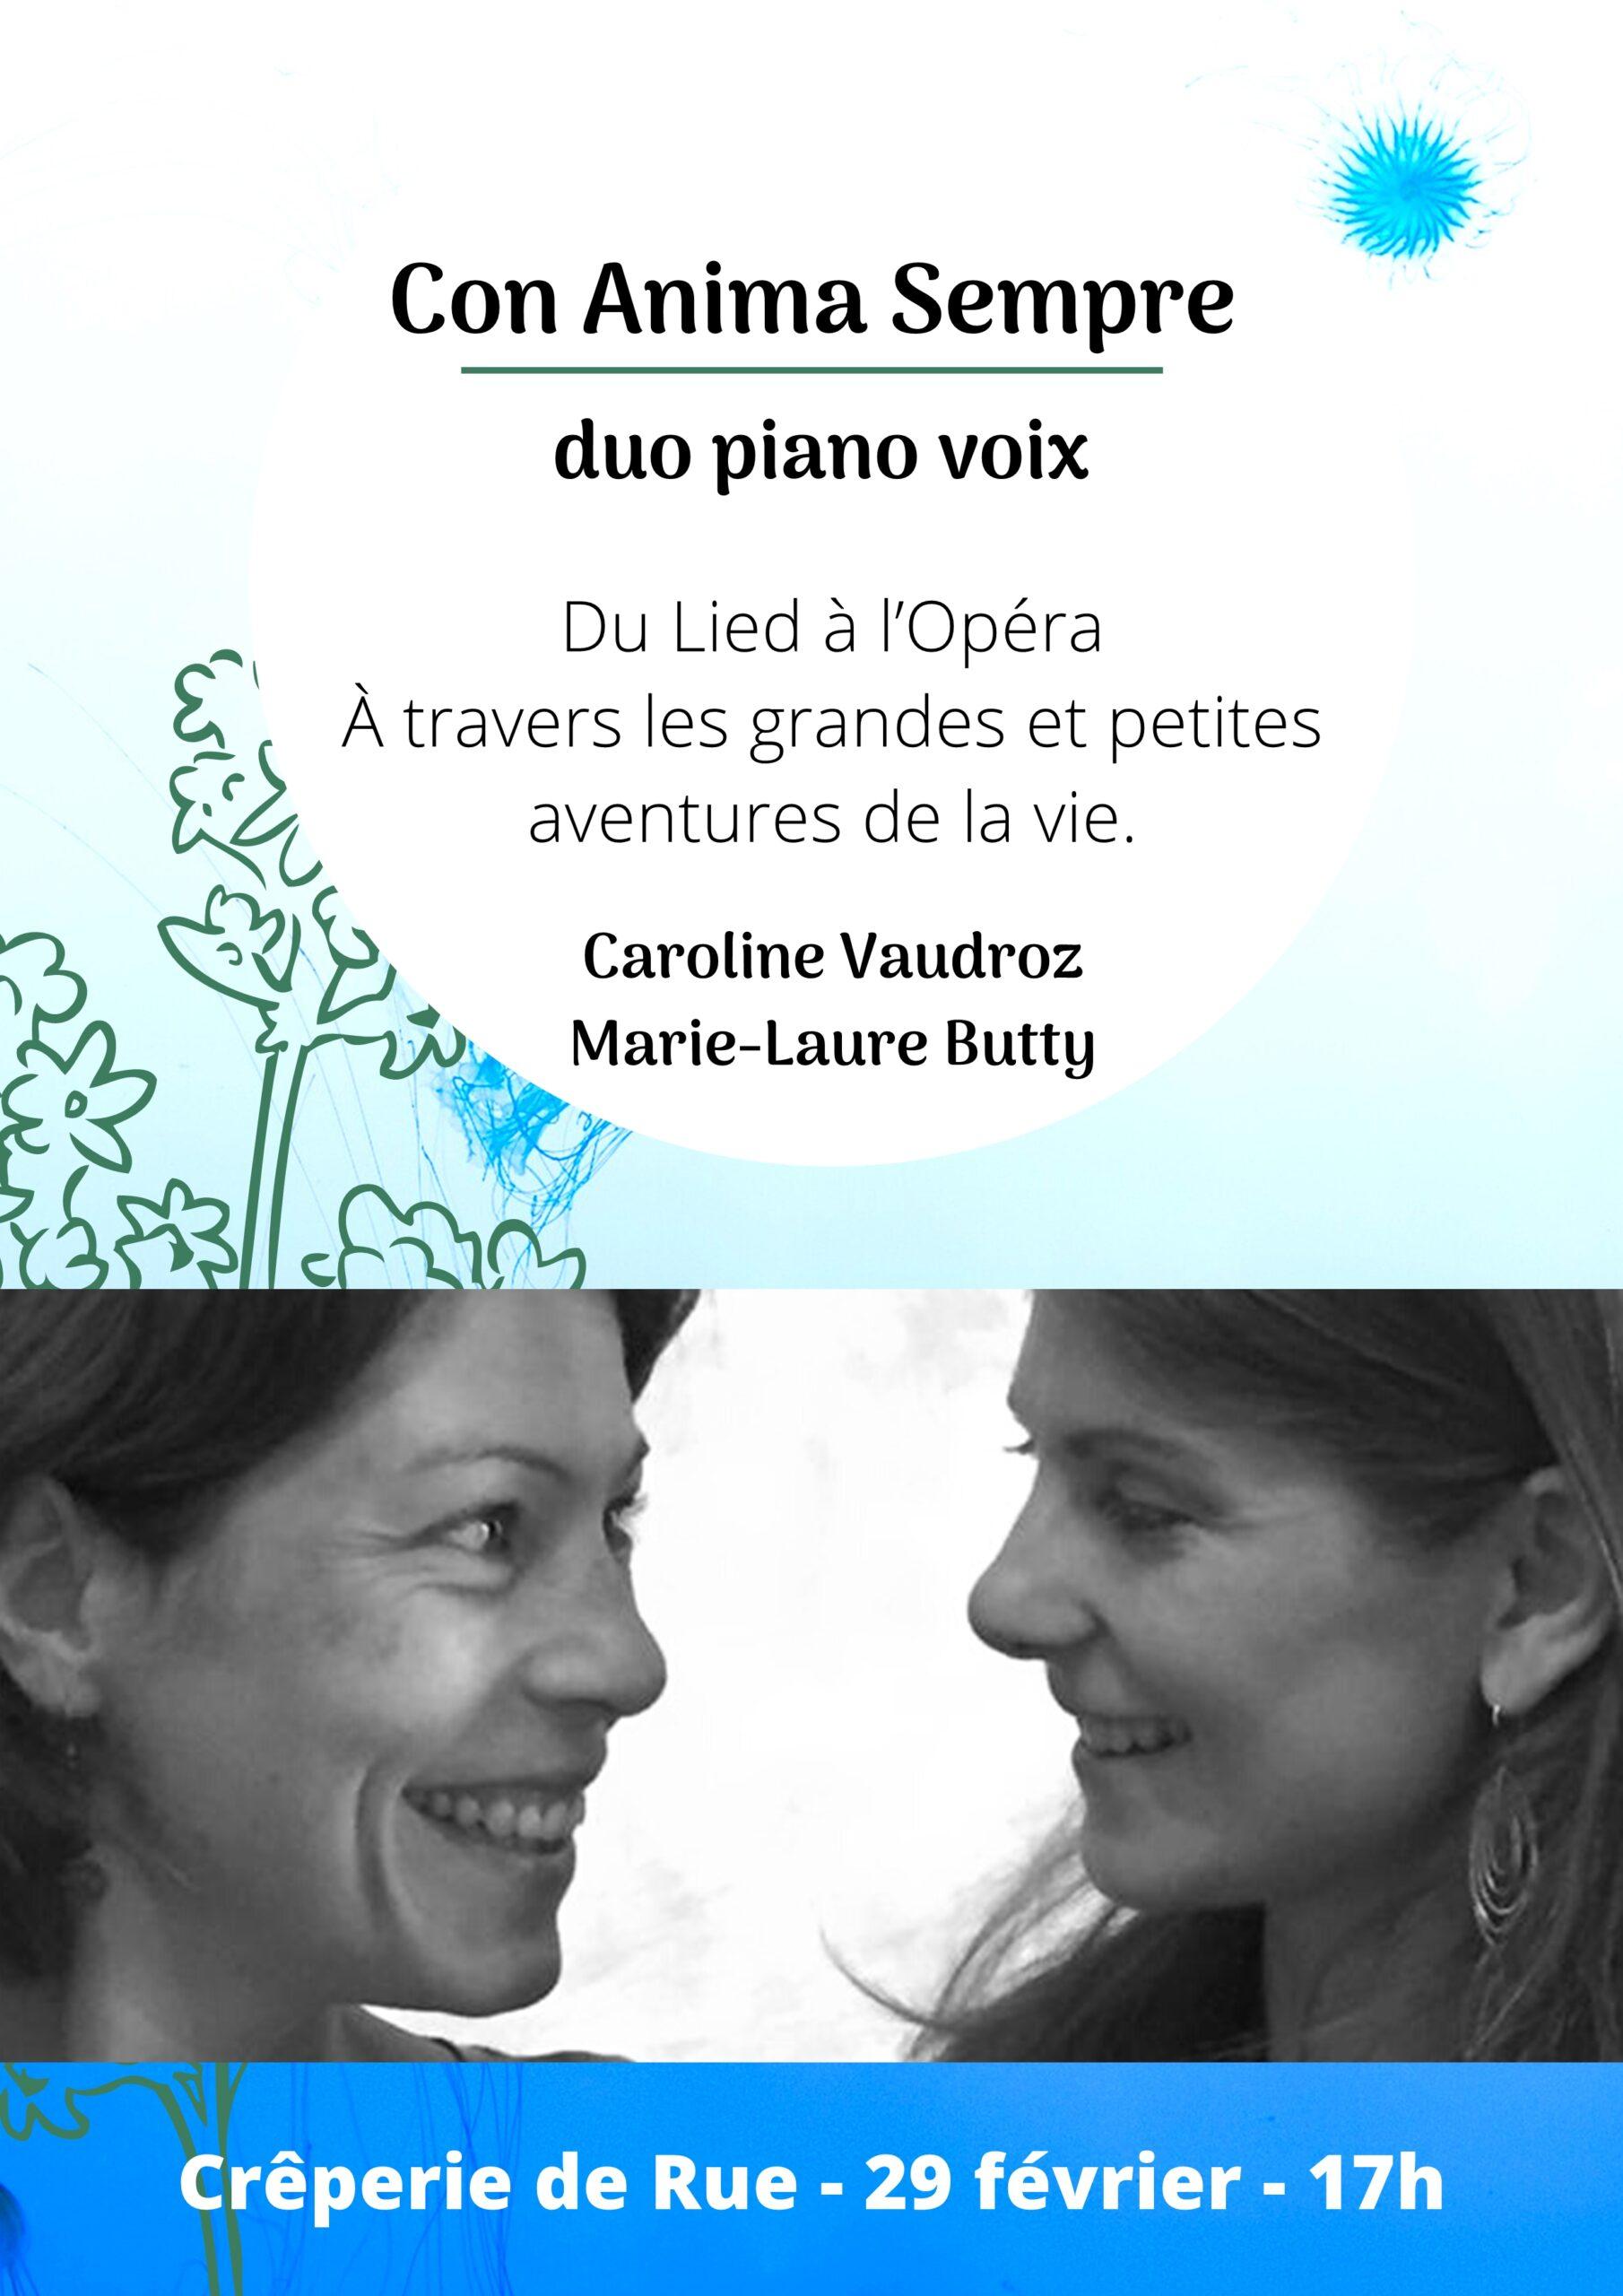 Con Anima Sempre  -  Duo piano voix